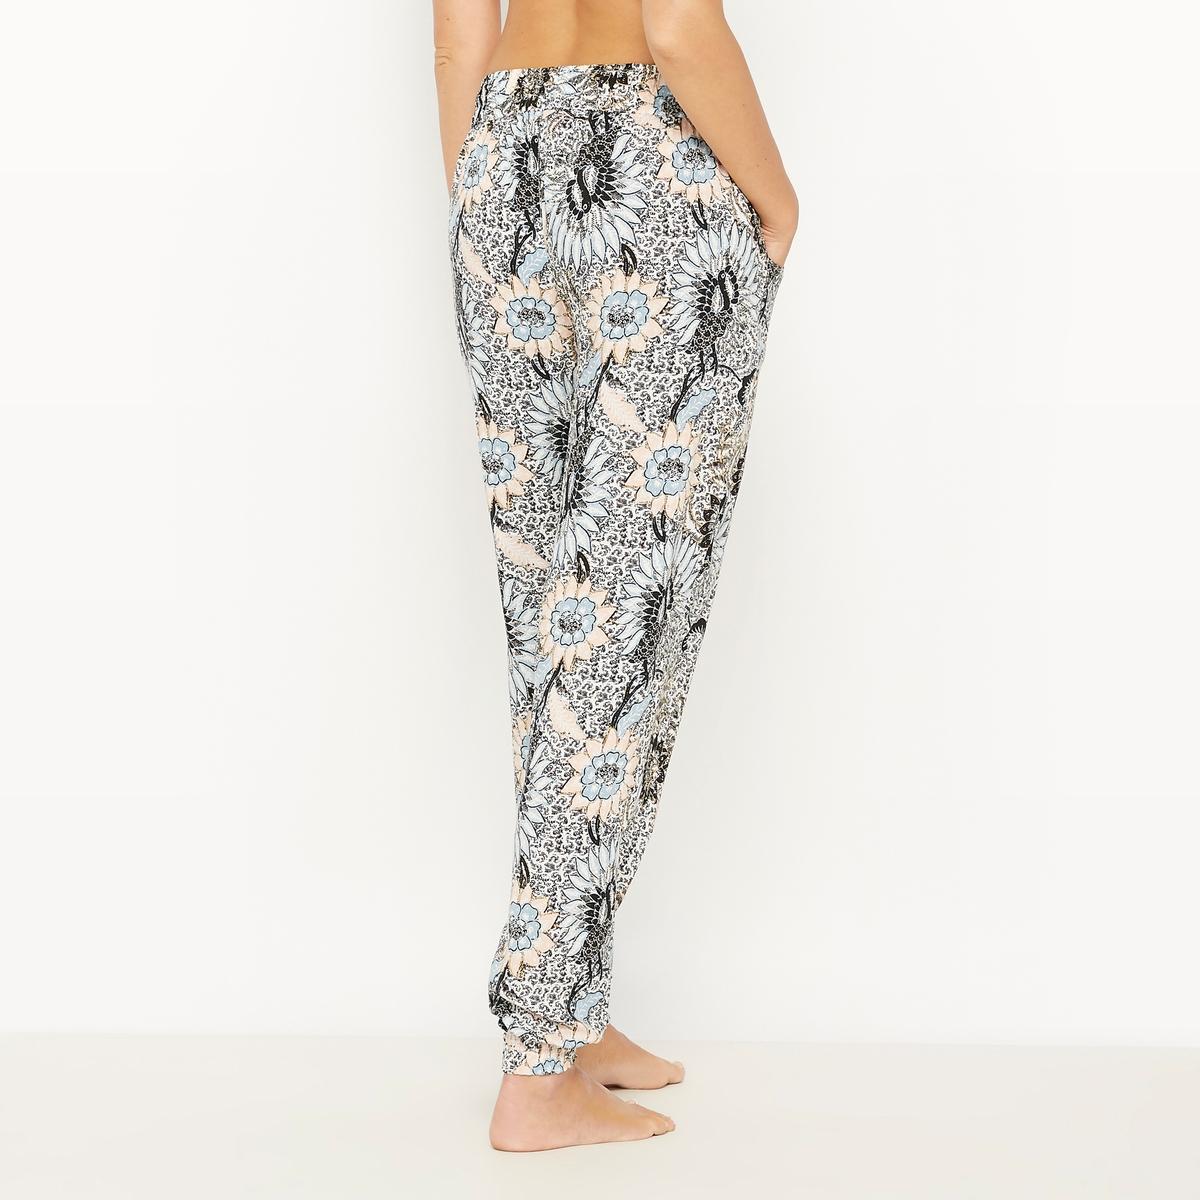 Брюки от пижамы хлопковые MARRAKESHХлопковые брюки от пижамы MARRAKESH от SKINY. Пижамные брюки с оригинальным сплошным рисунком. Удобный прямой покрой. 2 косых кармана по бокам. Эластичный пояс с завязками на кулиске. Состав и описаниеМатериалы : 100% хлопокМарка : SKINY<br><br>Цвет: Цветочный узор/черный